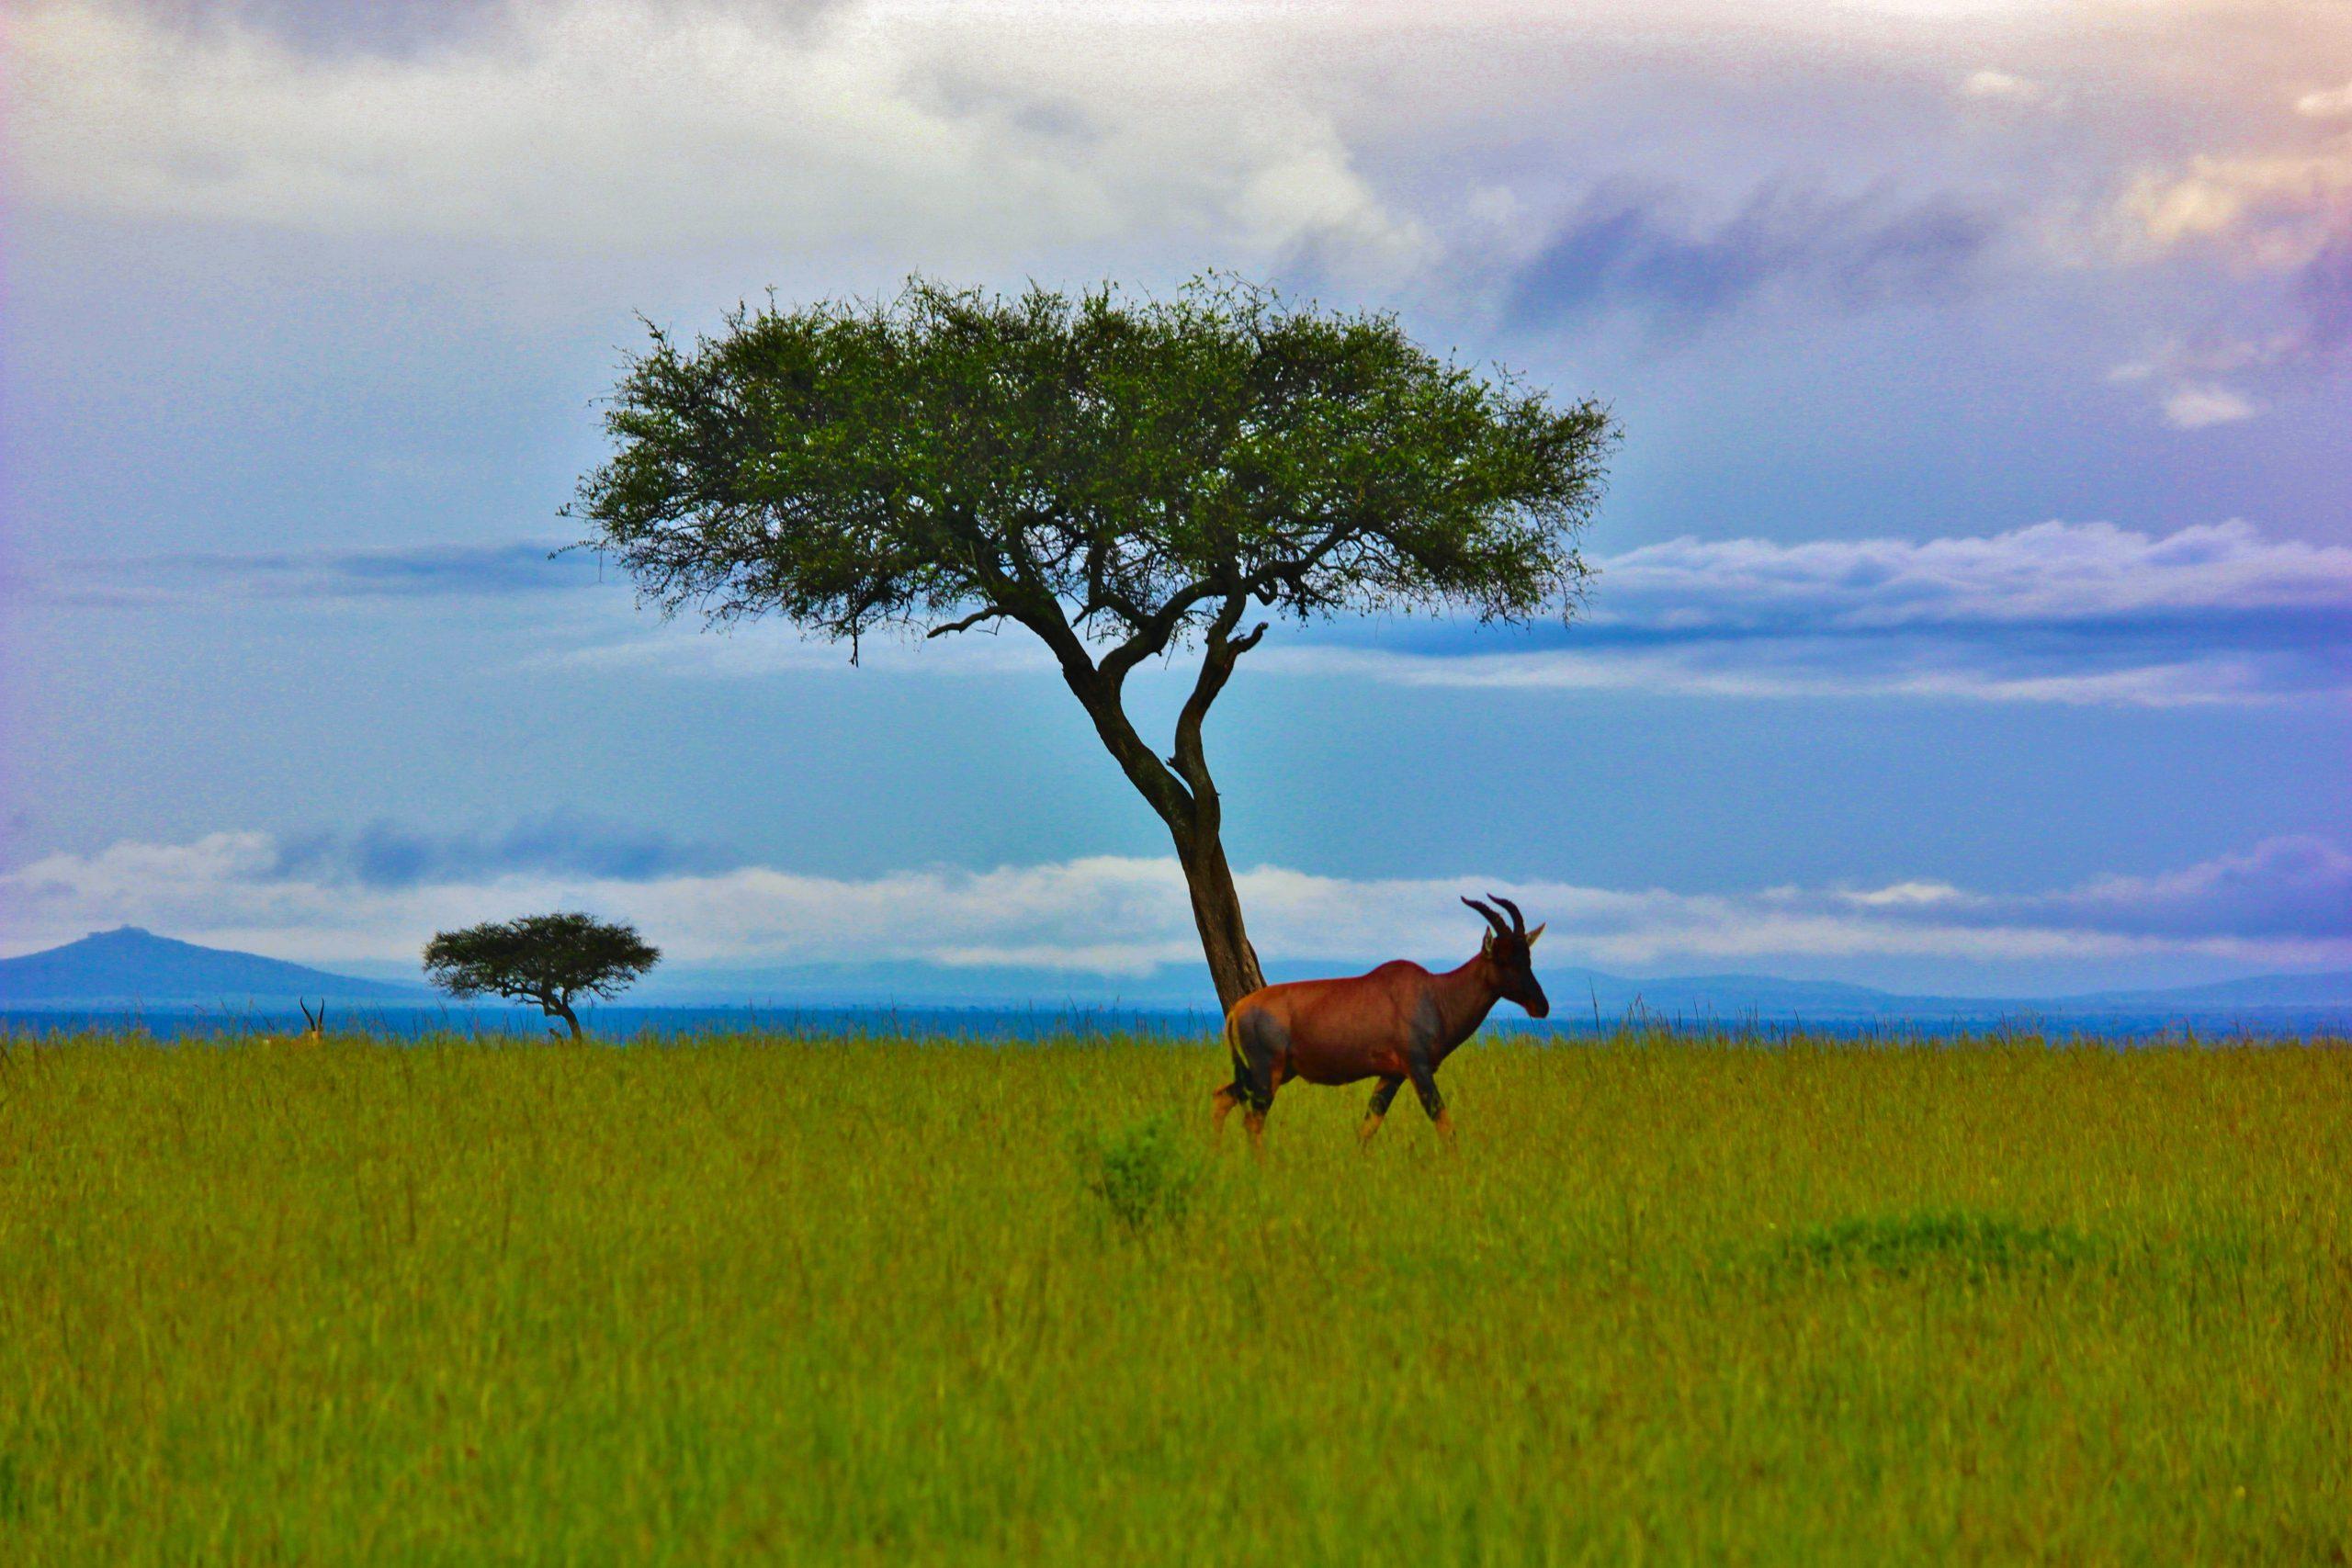 grassland and wilderness